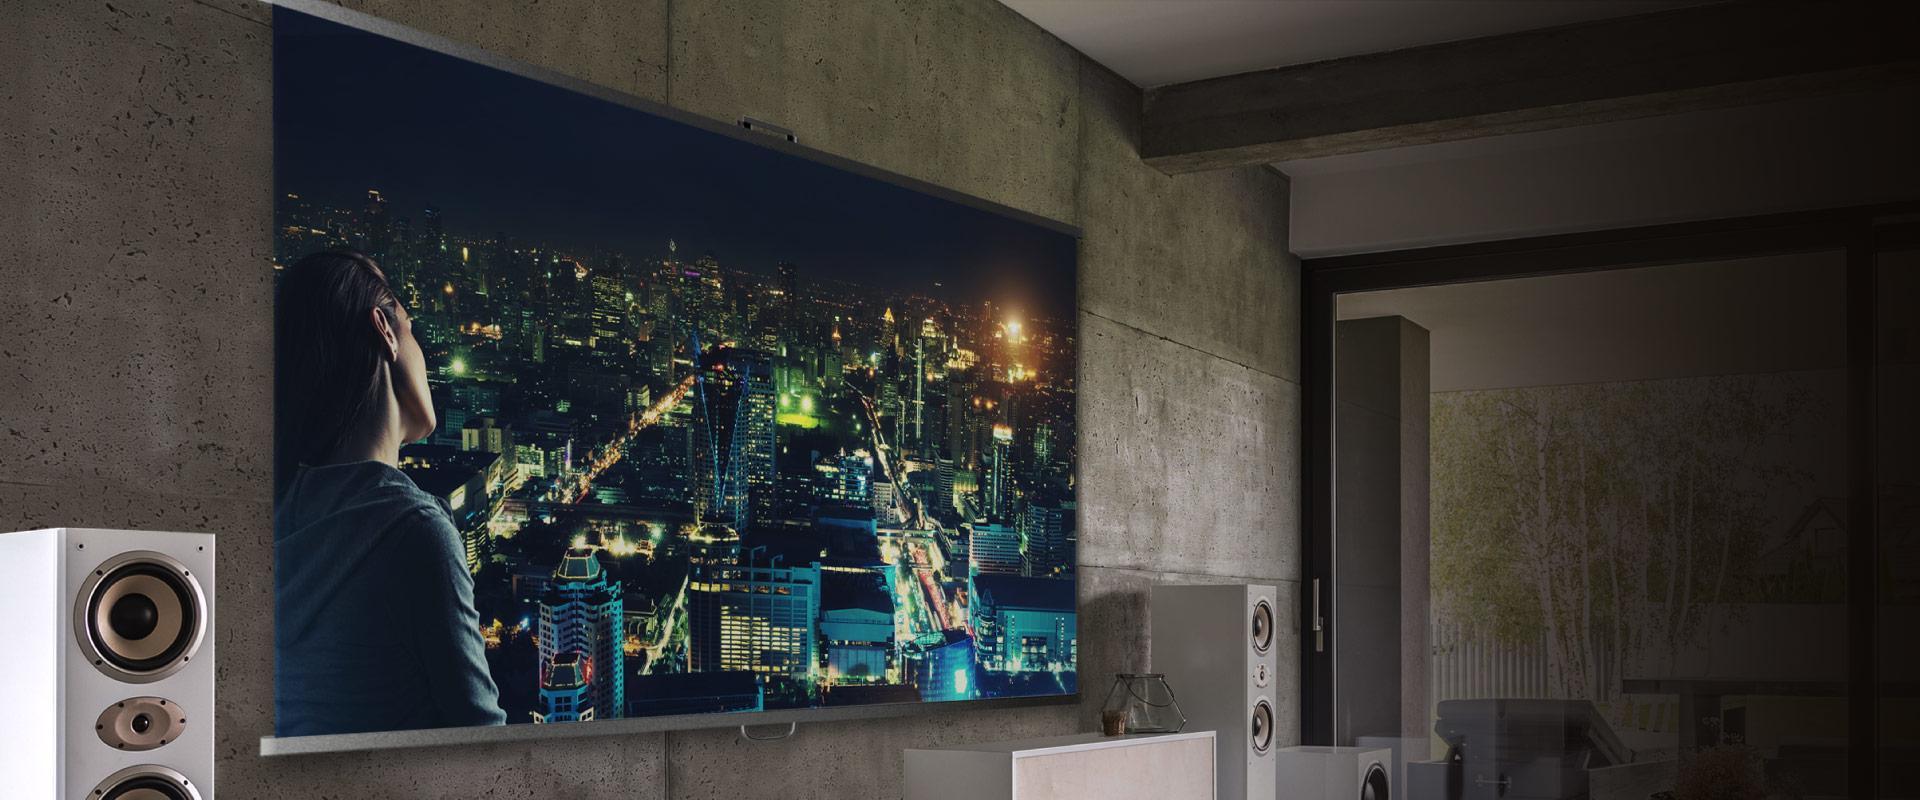 Новый домашний проектор BenQHT1070A